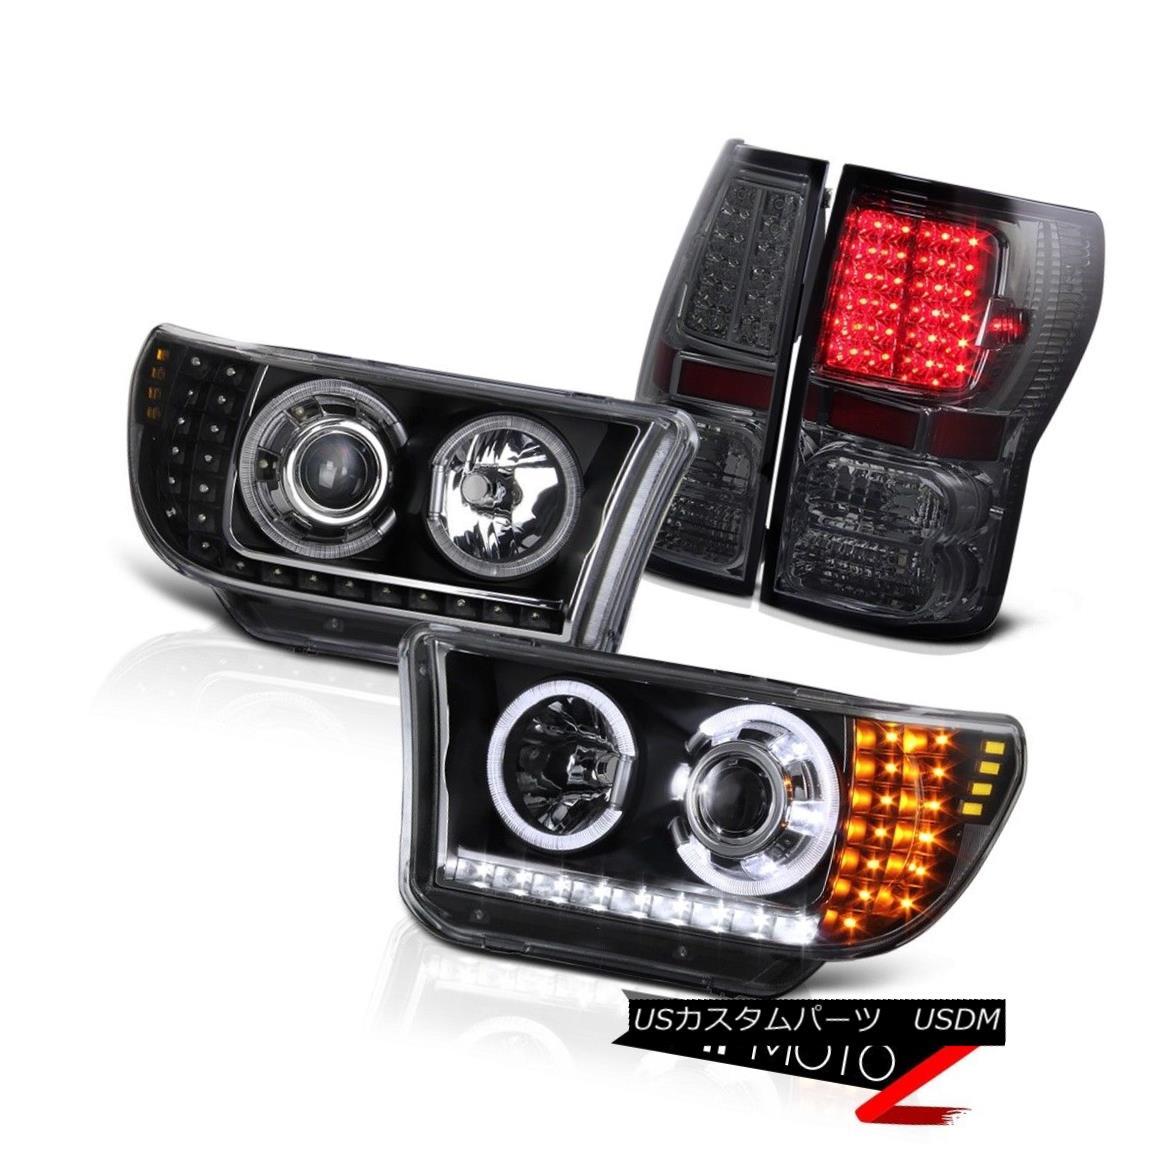 テールライト Toyota 2007-2013 Tundra LED+HALO Black Projector Headlight+Smoke Led Tail Light トヨタ2007-2013トンドラLED +ハローブラックプロジェクターヘッドライト+スモーク eテールライト